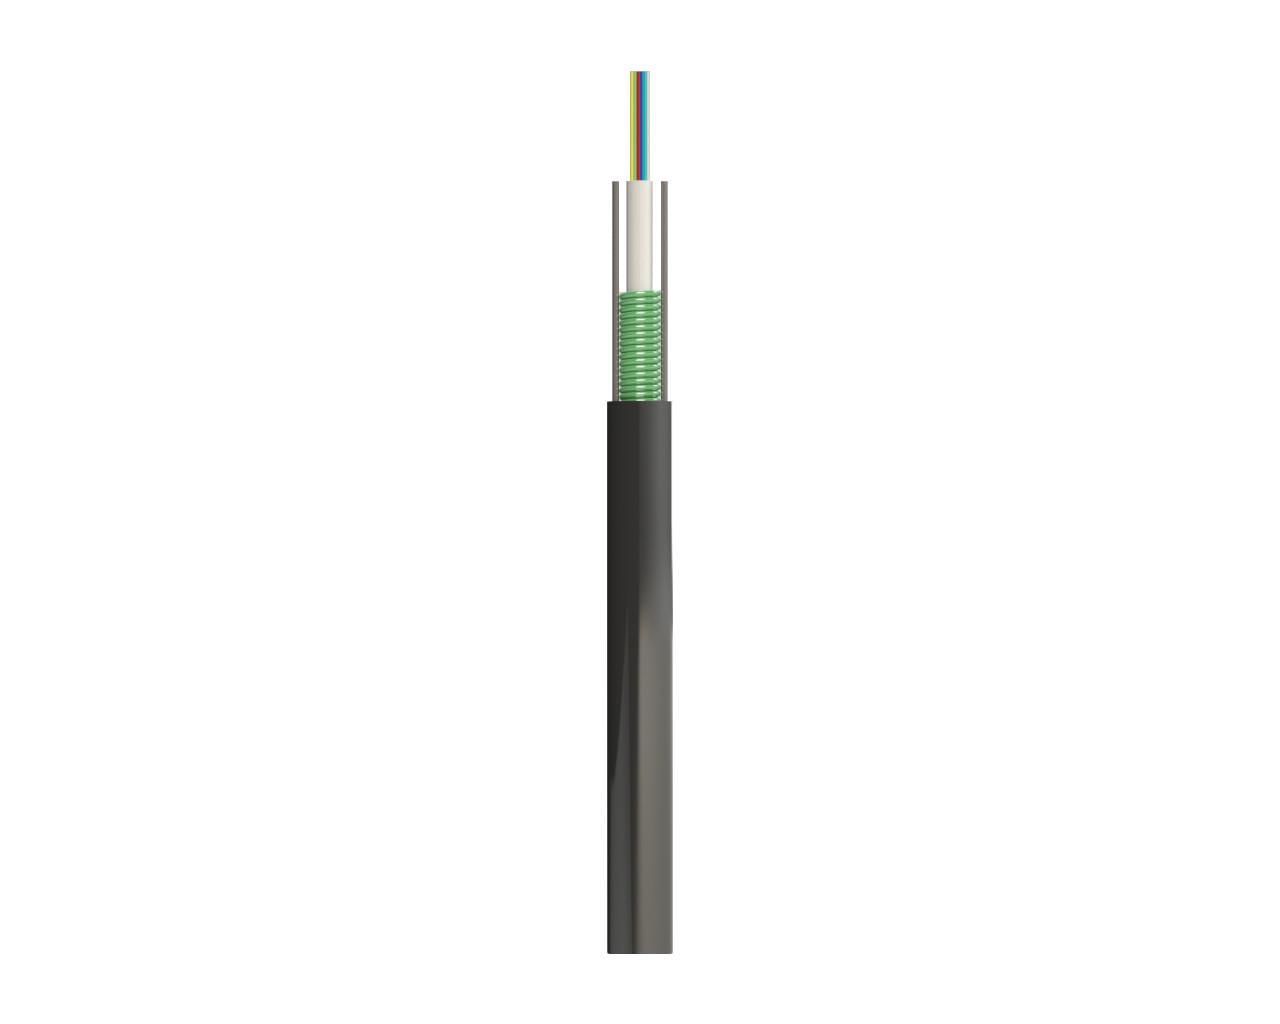 ОКТБг-М(1,5)П-3*12Е1-0,40Ф3,5/0,30Н19-36 брон каб с центр-расп трубкой для прокл в каб кан и грунтах всех кат